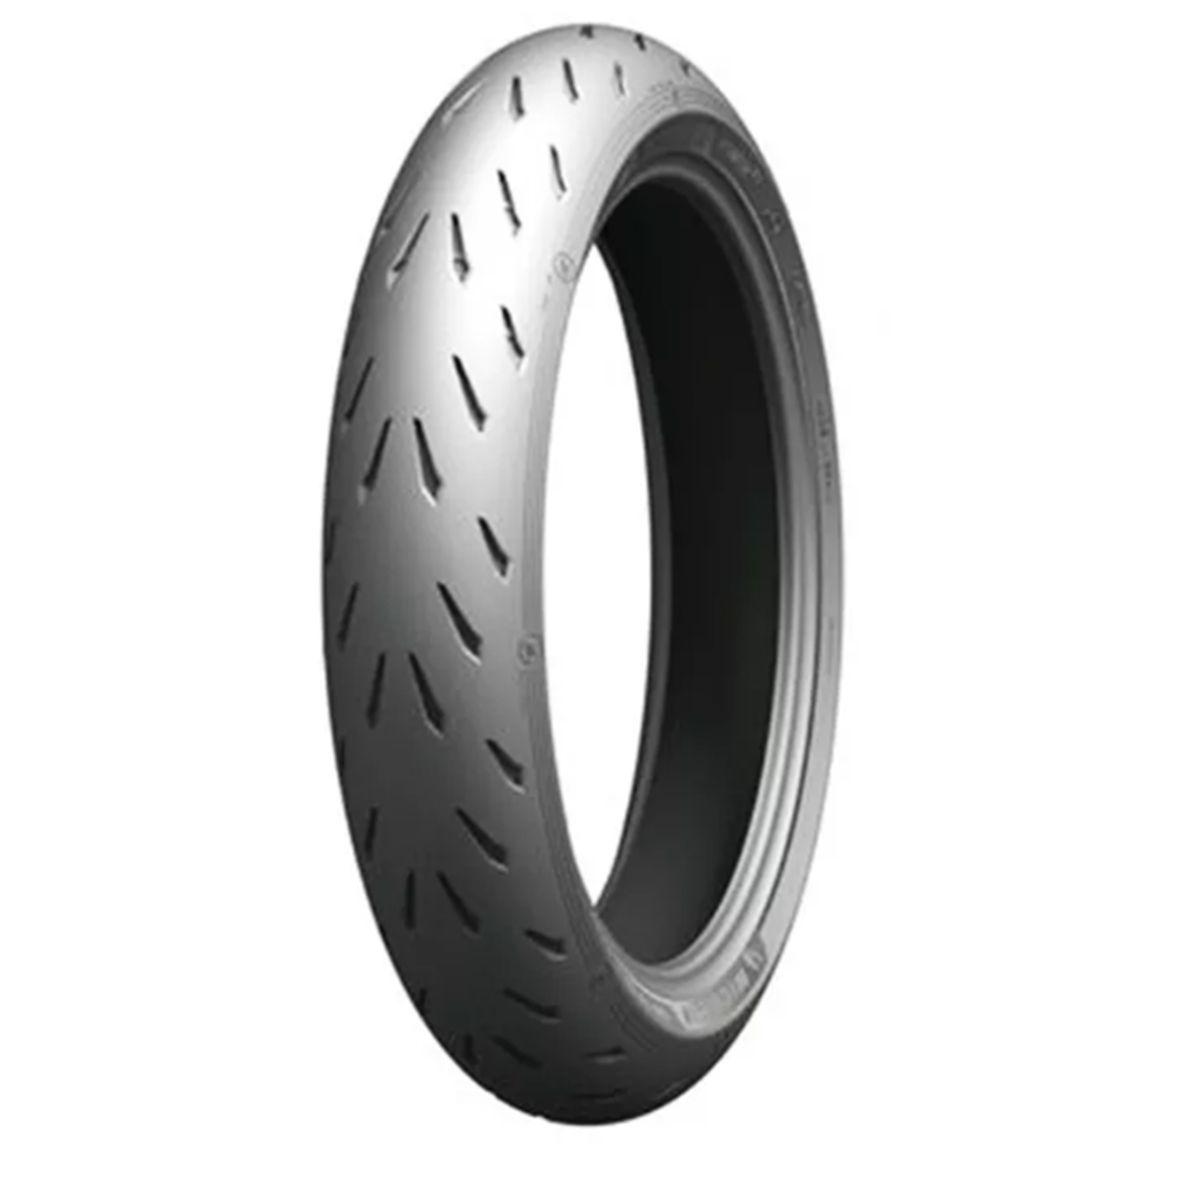 Pneu para Moto Michelin Power RS Dianteiro TL 110/70 ZR17 (54W)